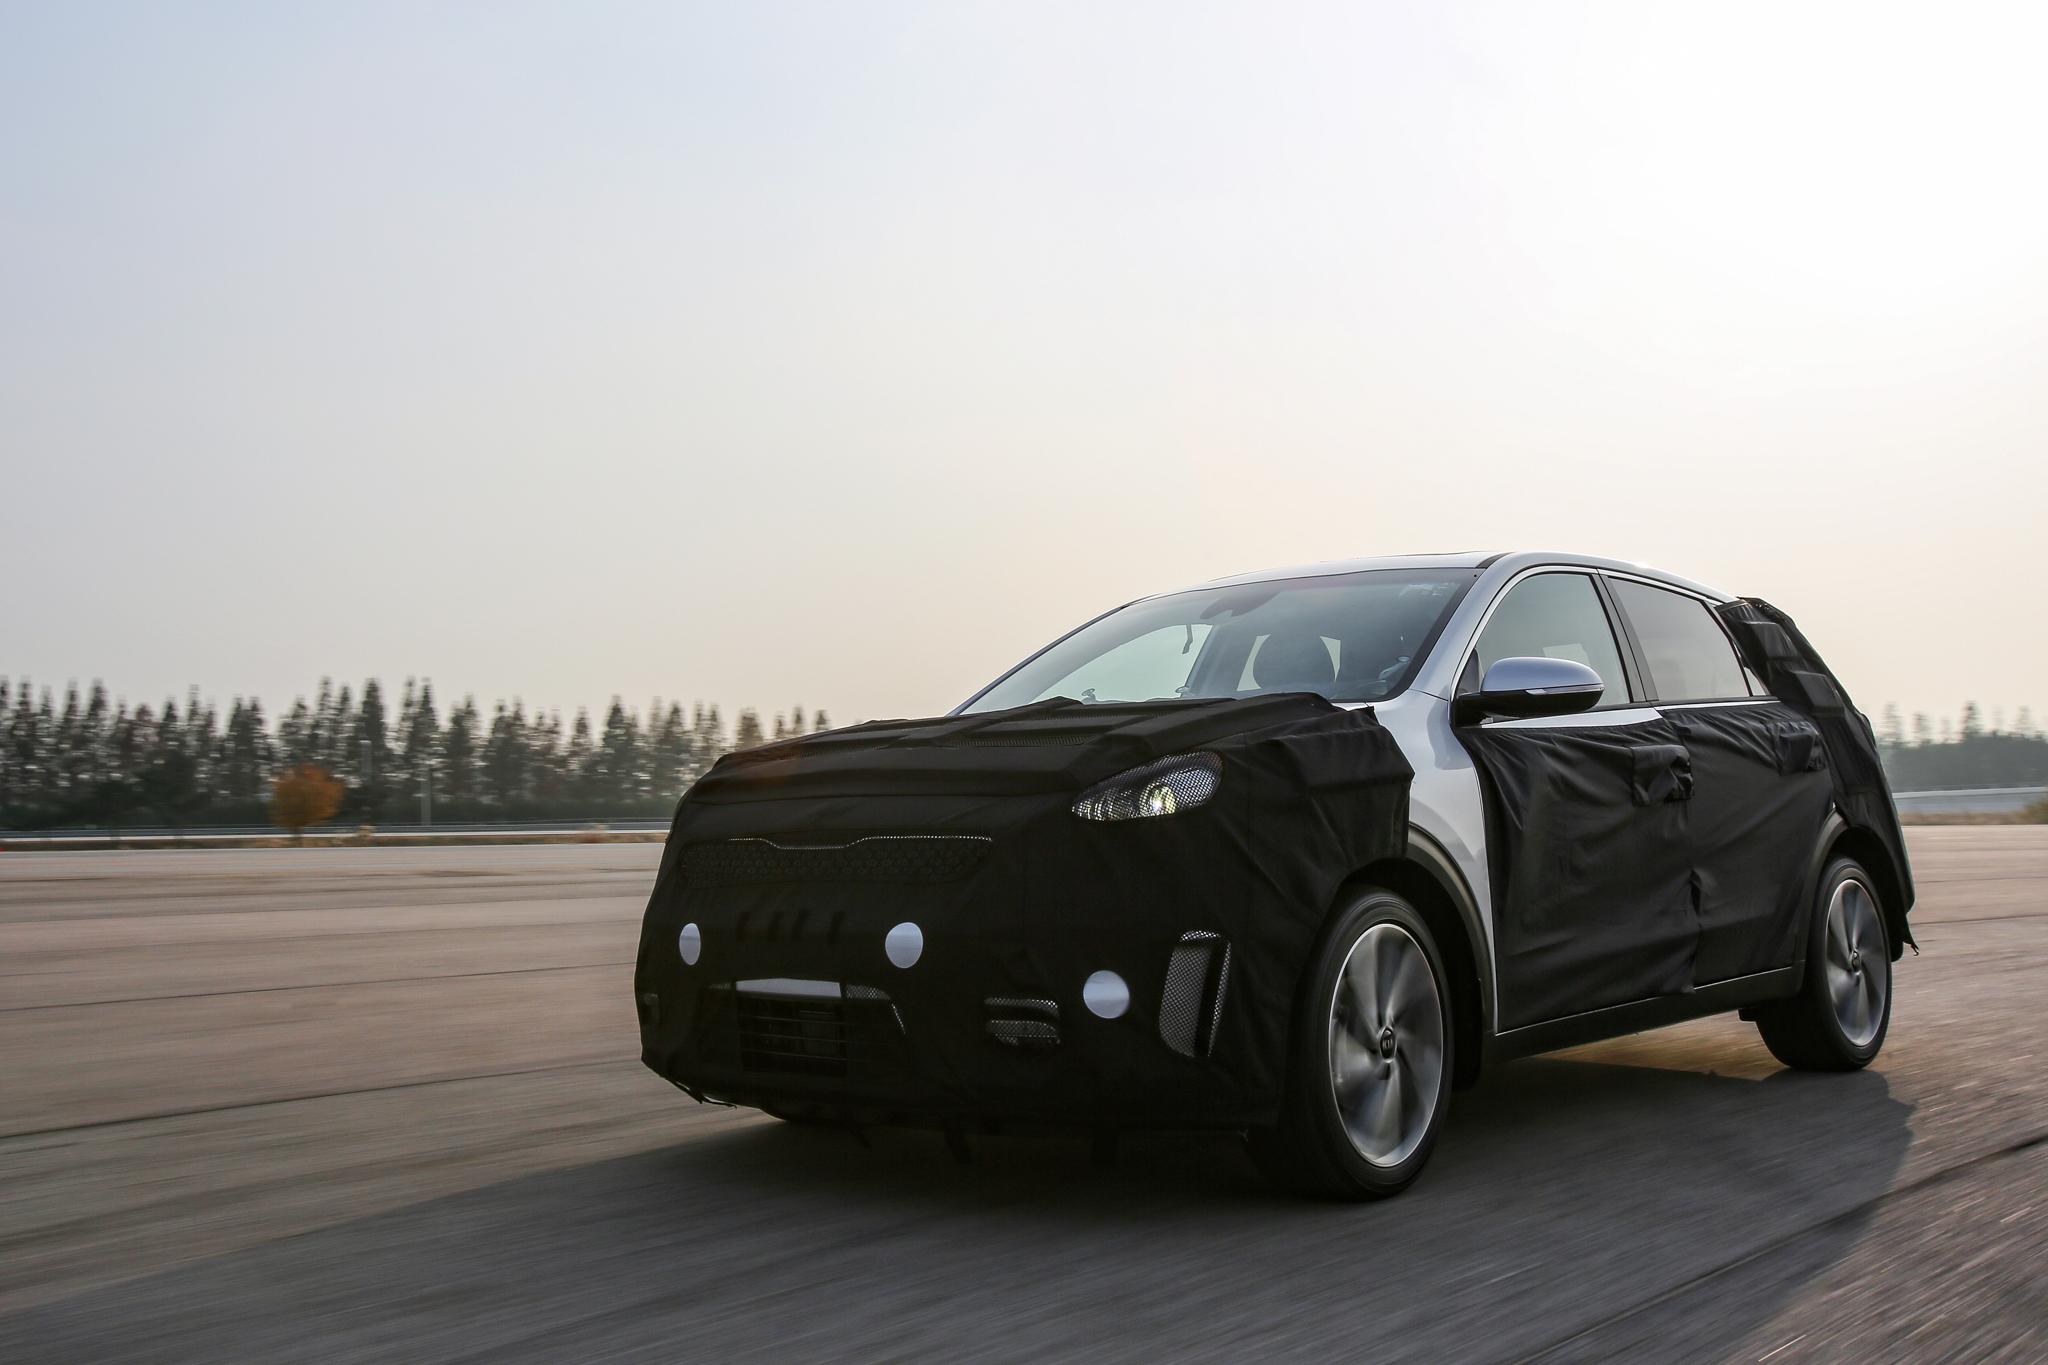 Kia annuncia l'avveniristica Niro Hybrid